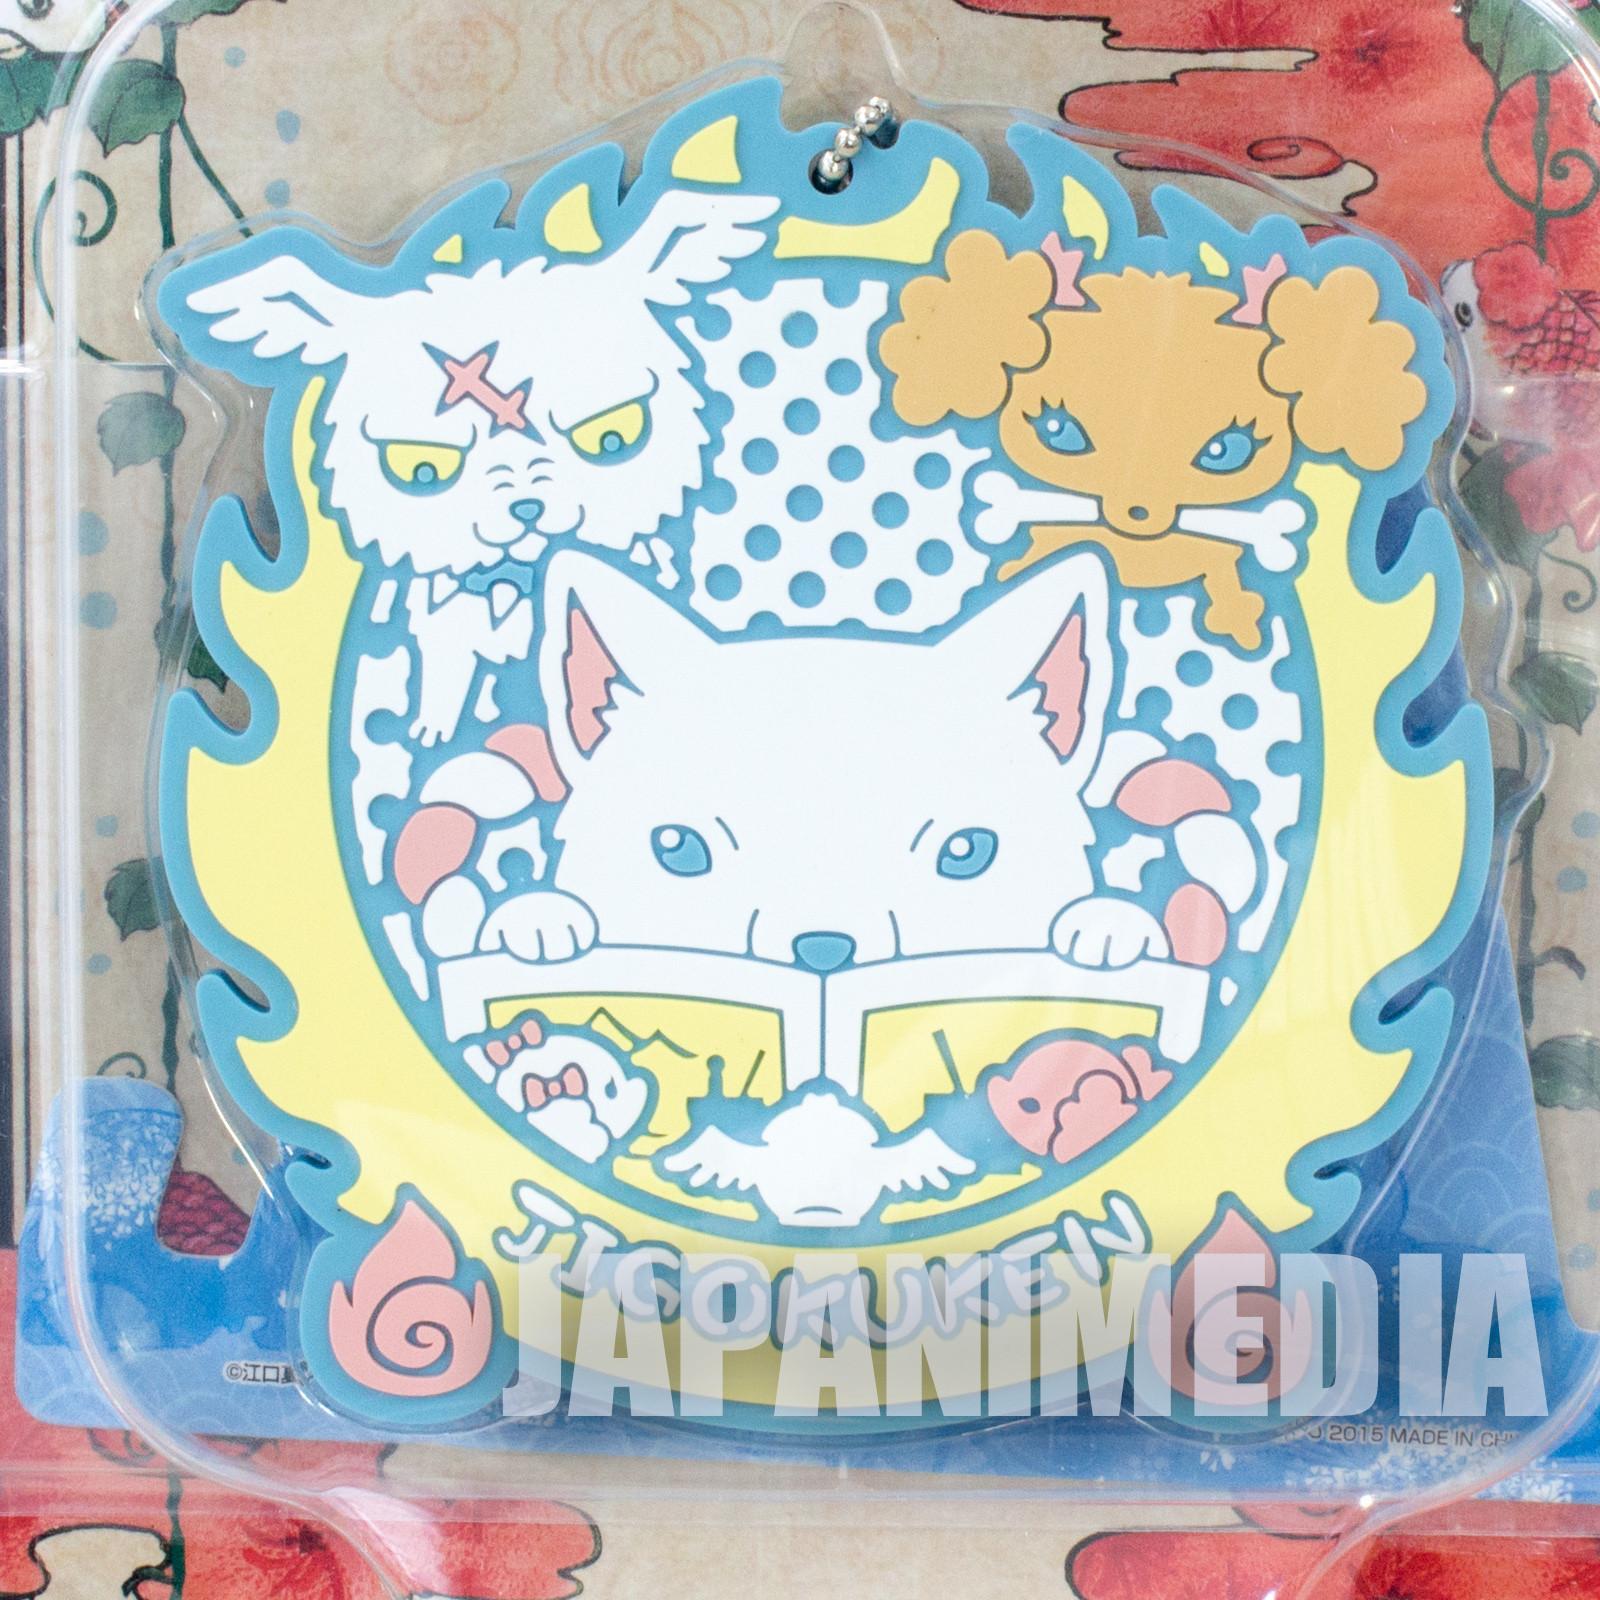 Hozuki no Reitetsu Shiro Rubber Coaster Banpresto JAPAN